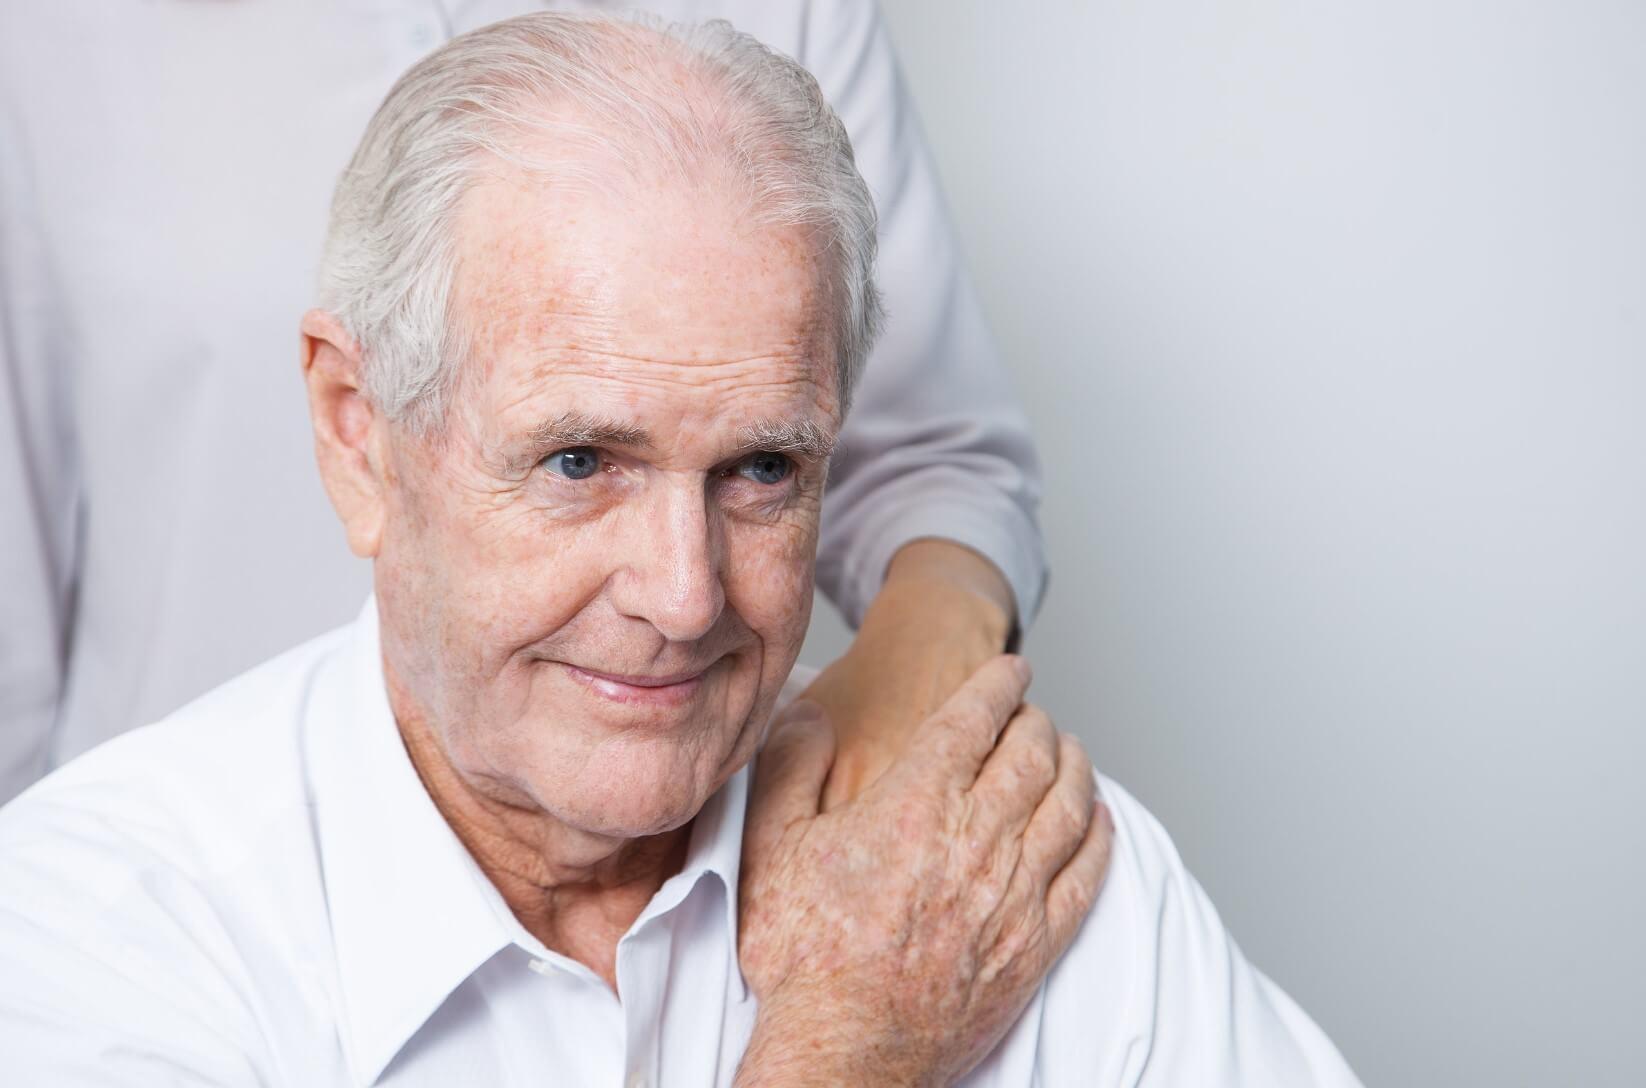 המדריך לטיפול ומניעת פצעי לחץ שכתבו העמותה לחקר ALS בישראל